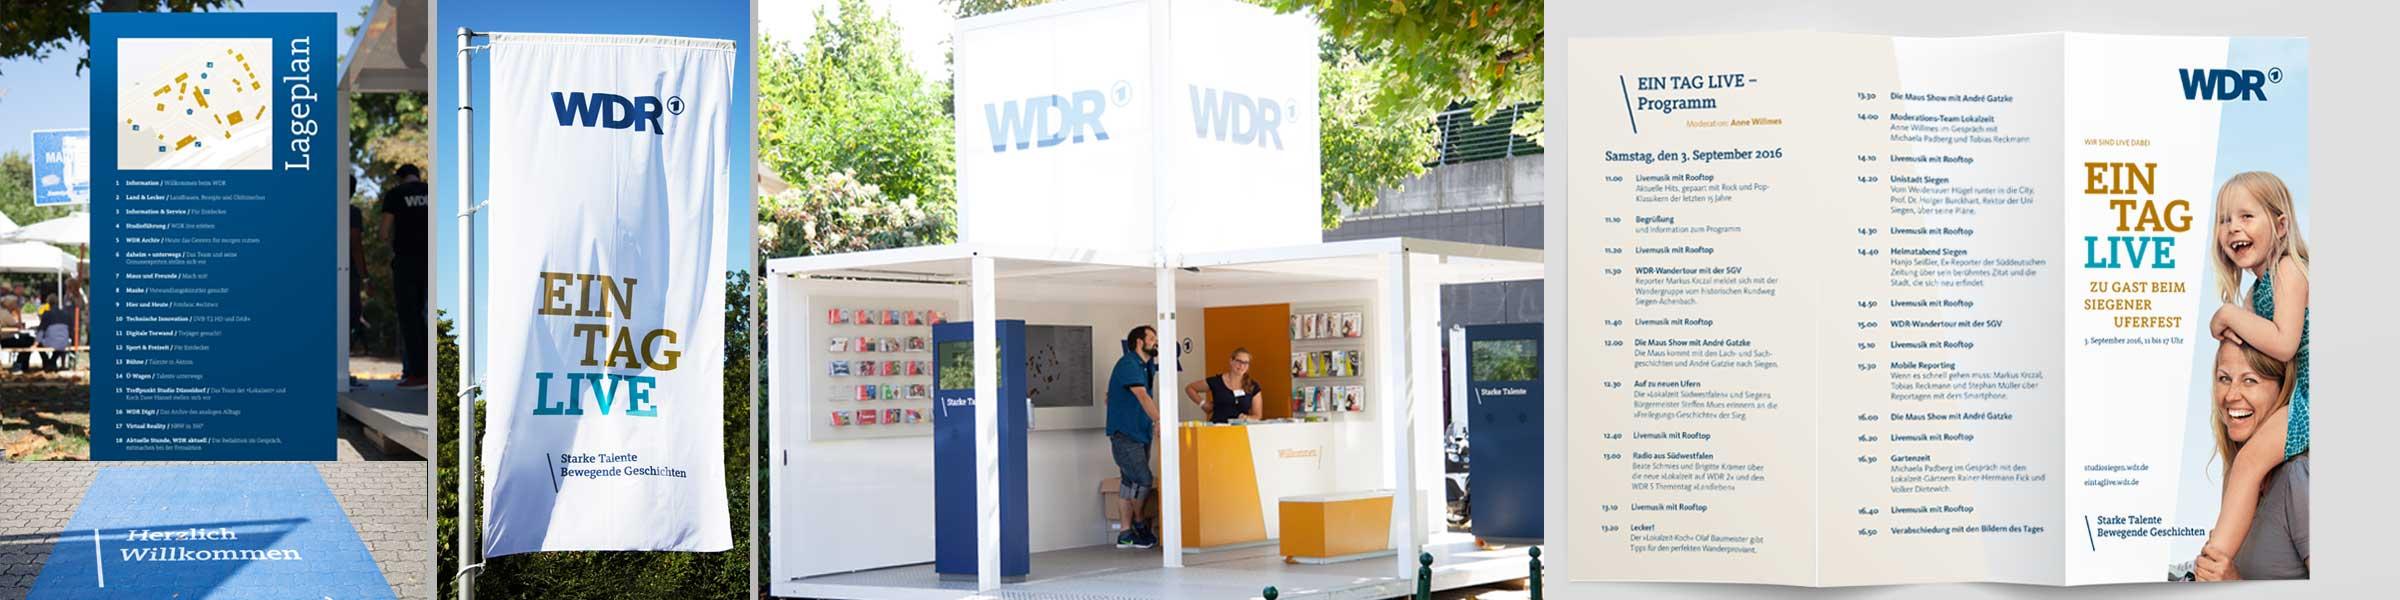 Veranstaltungsbranding: Flagge, Lageplan, Messestand, Flyer für eine Veranstaltung von Design Agentur Köln